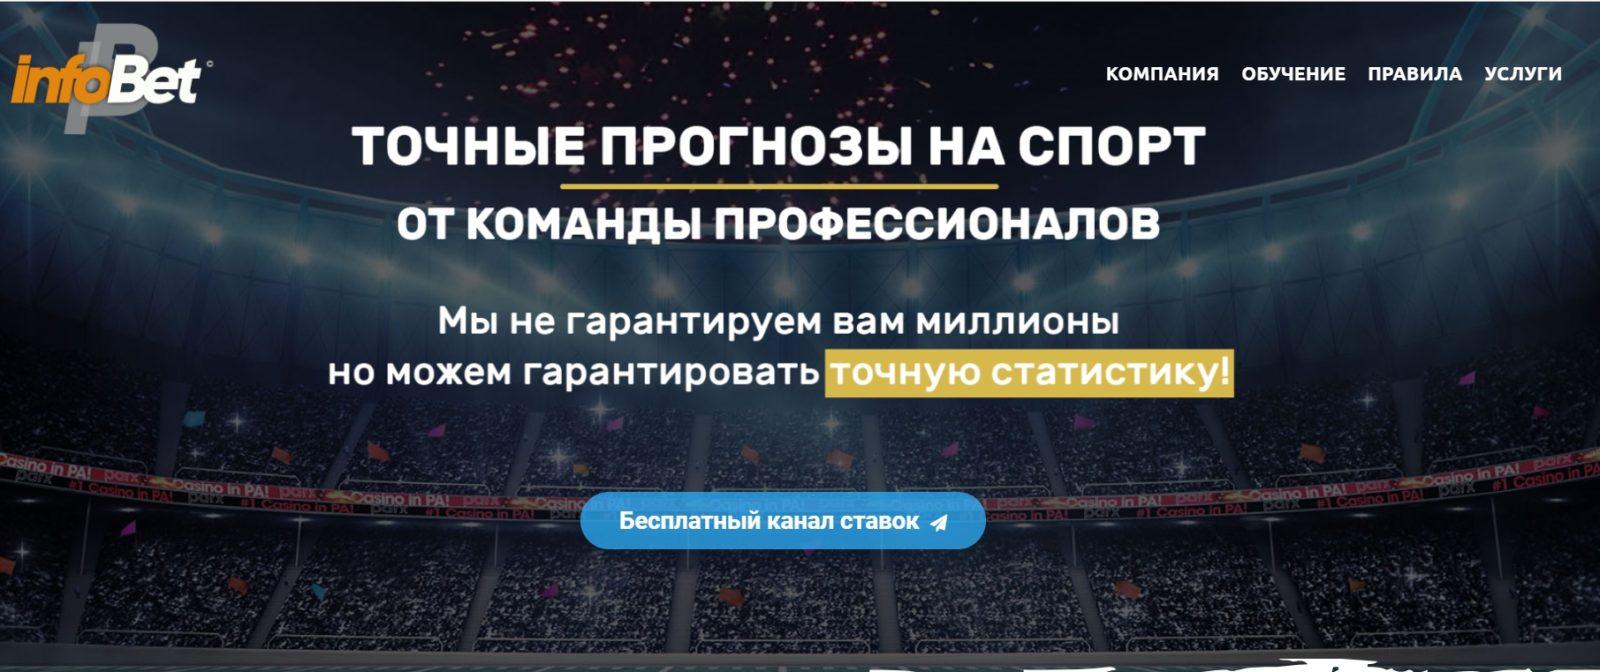 Отзывы о сайте Infobet.by и канале ООО ИнфоБет в Телеграмме